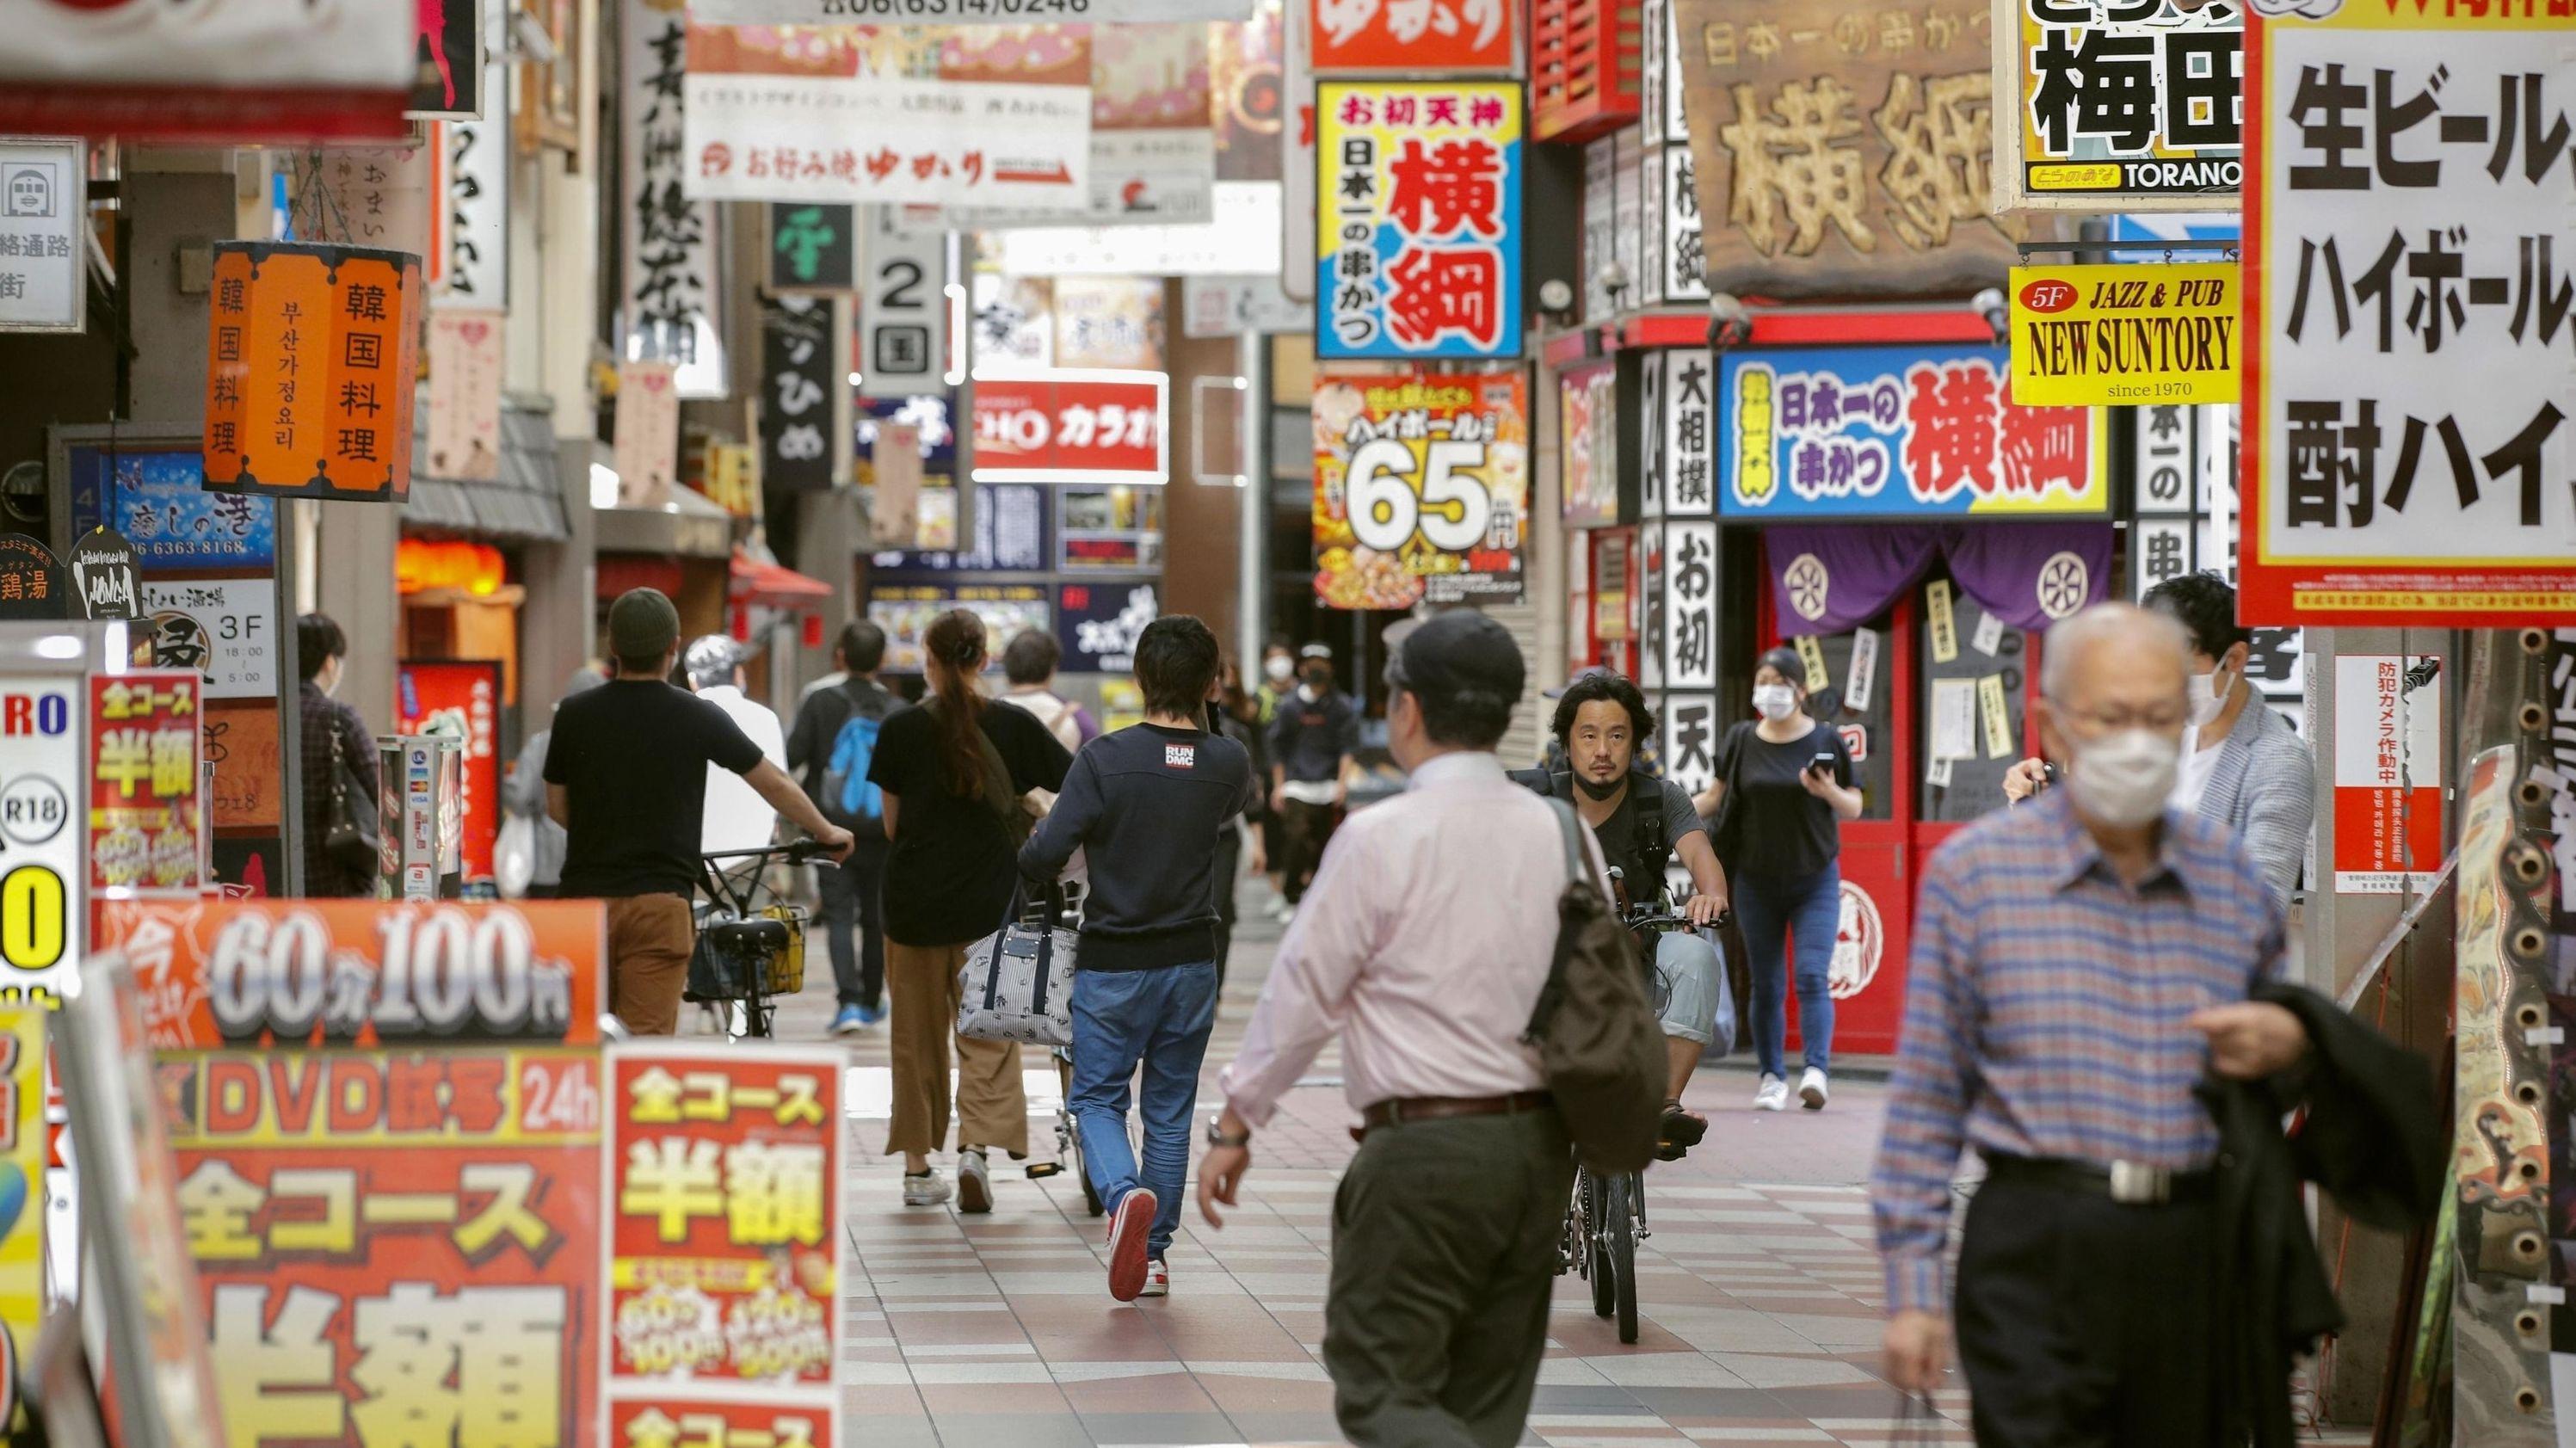 Menschen gehen durch eine Einkaufsstraße in Osaka, nachdem die Geschäfte wieder öffnen konnten.